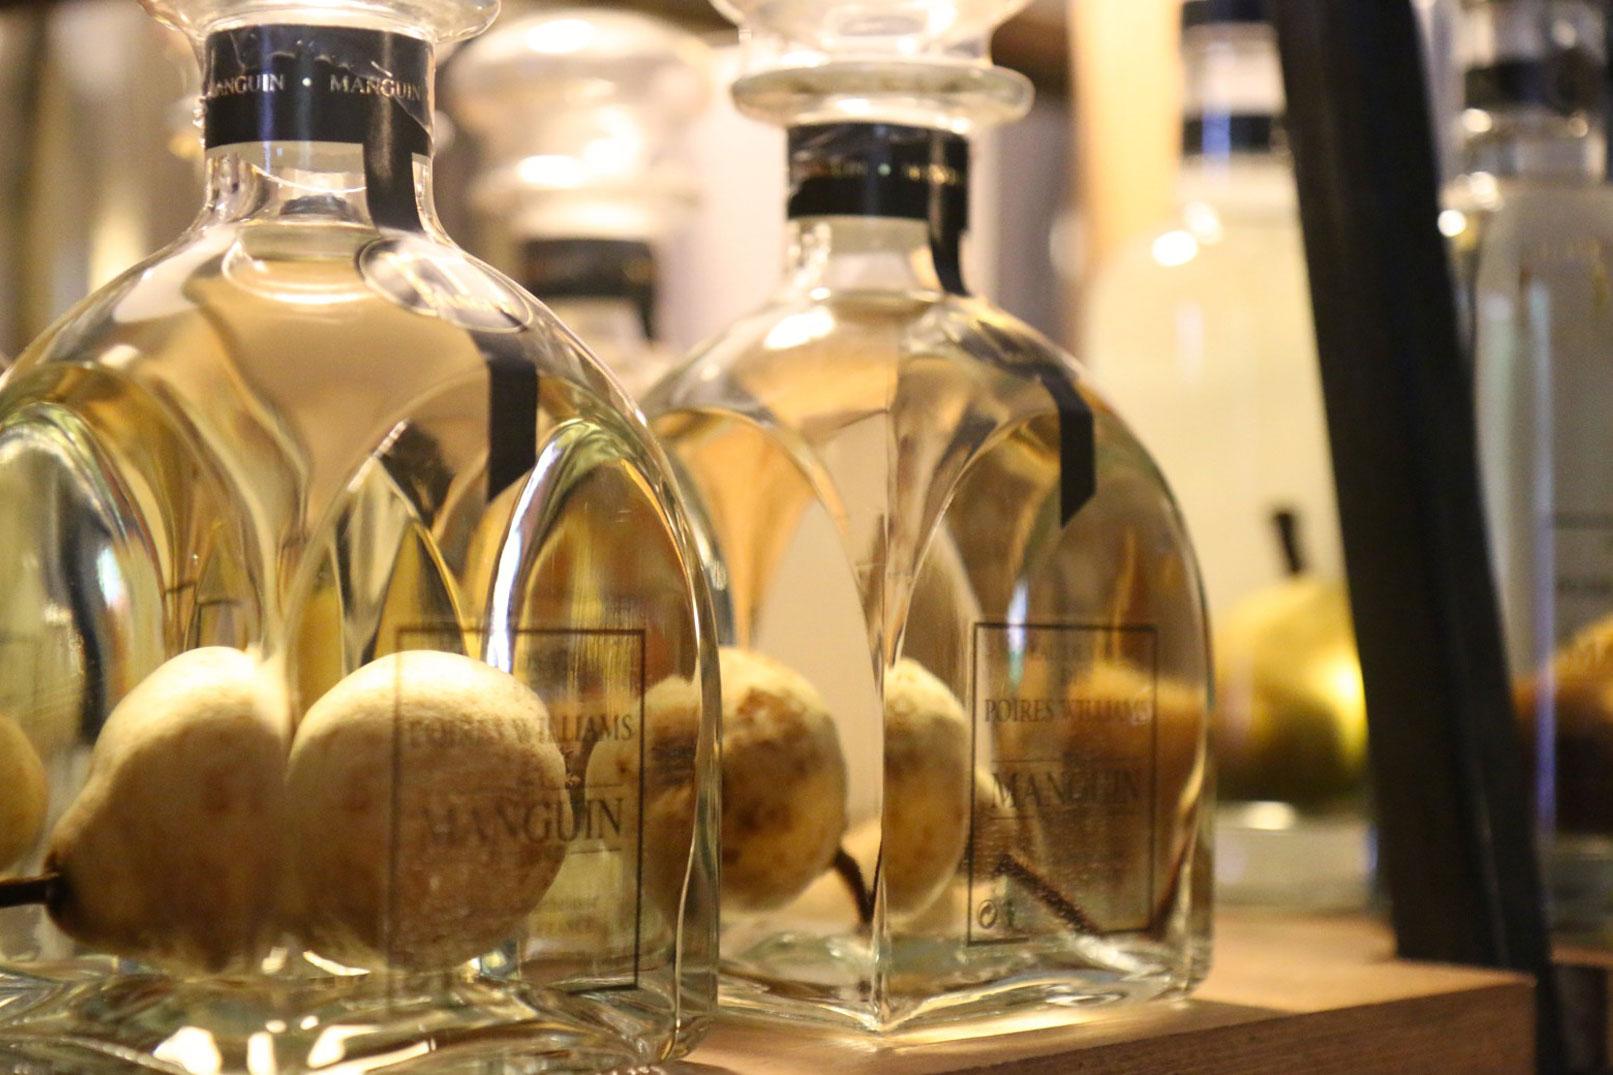 Distillerie du vaucluse @ Gillet